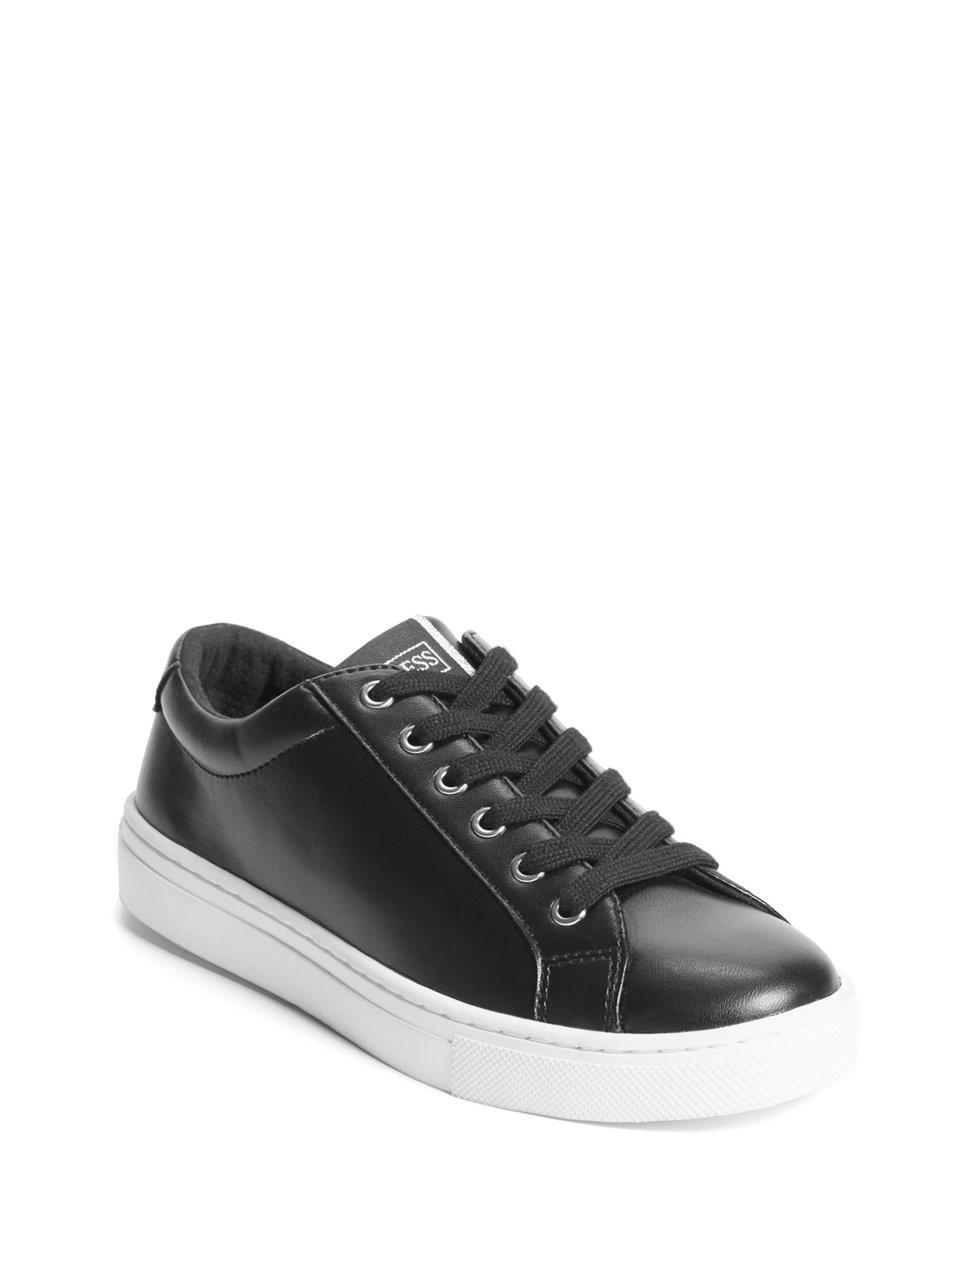 Guess. Women's Black Jaida Low-top Sneakers